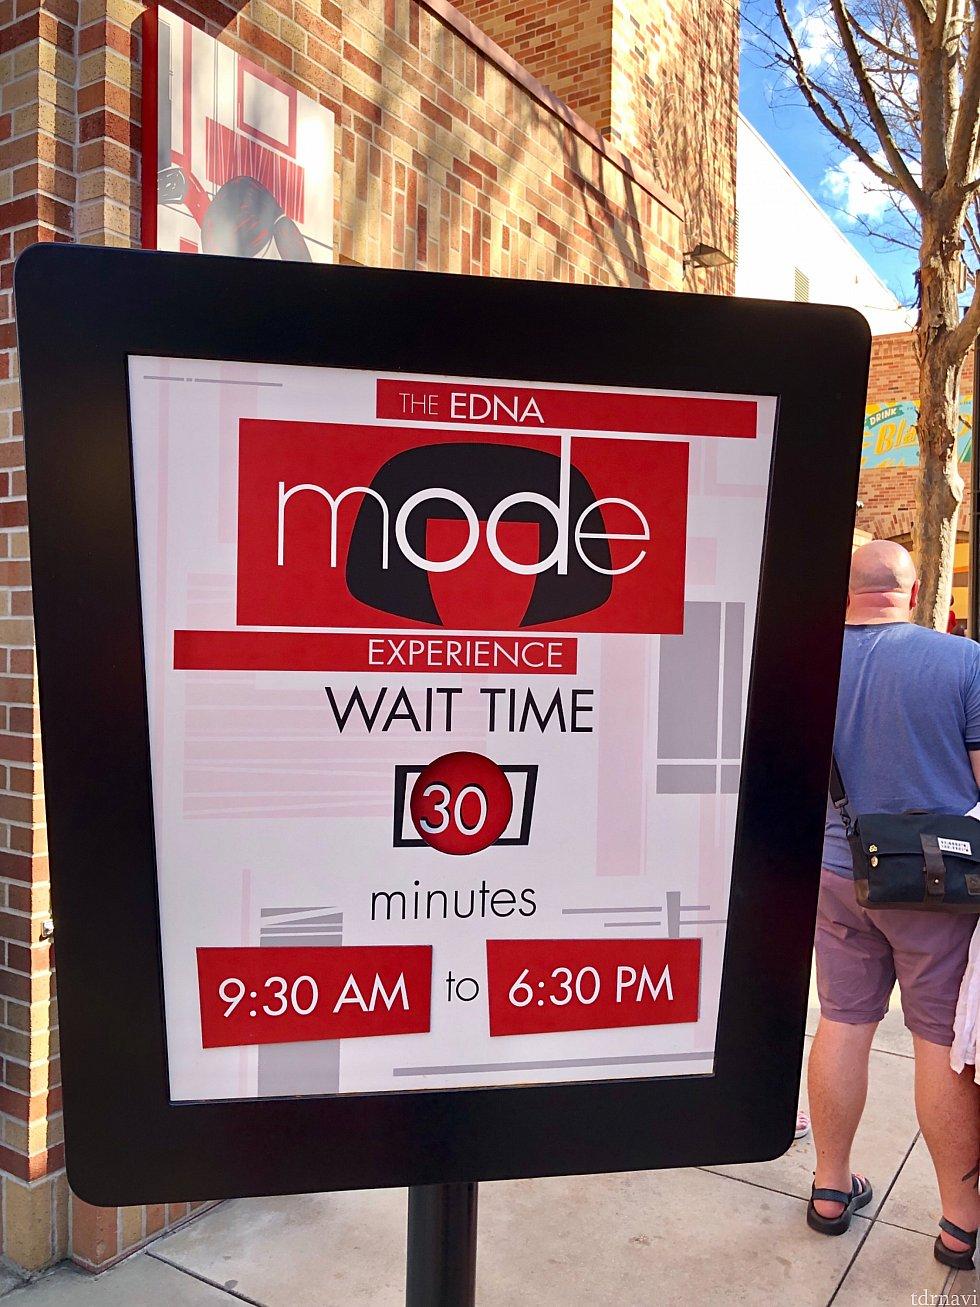 この日は2月の週末の午後でしたが、待ち時間は30分との表示。実際は15分くらいだったと思います。